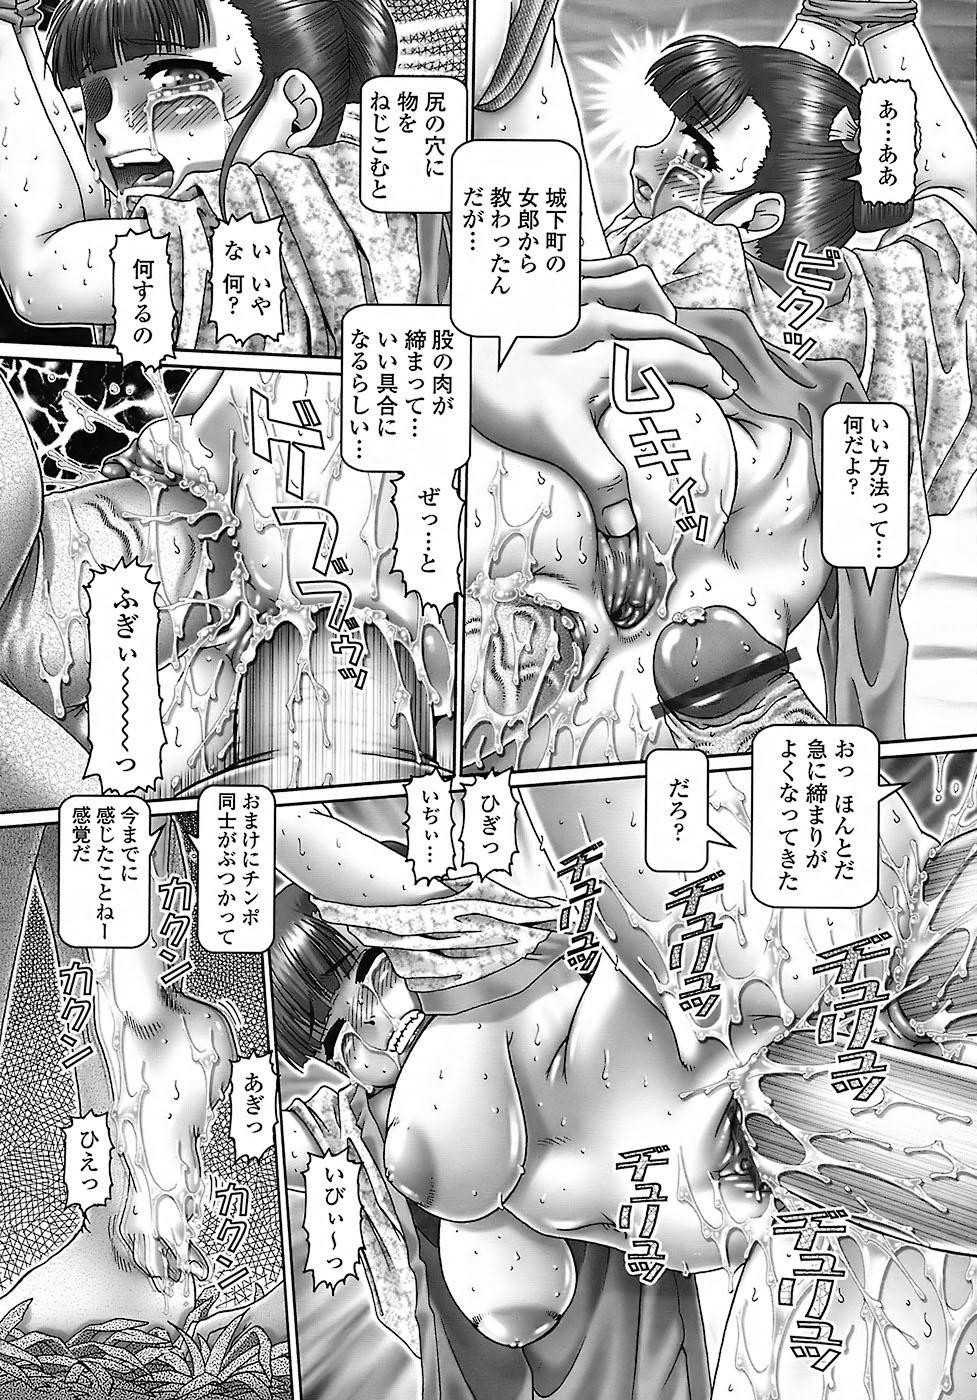 Tenshi no Shizuku 162